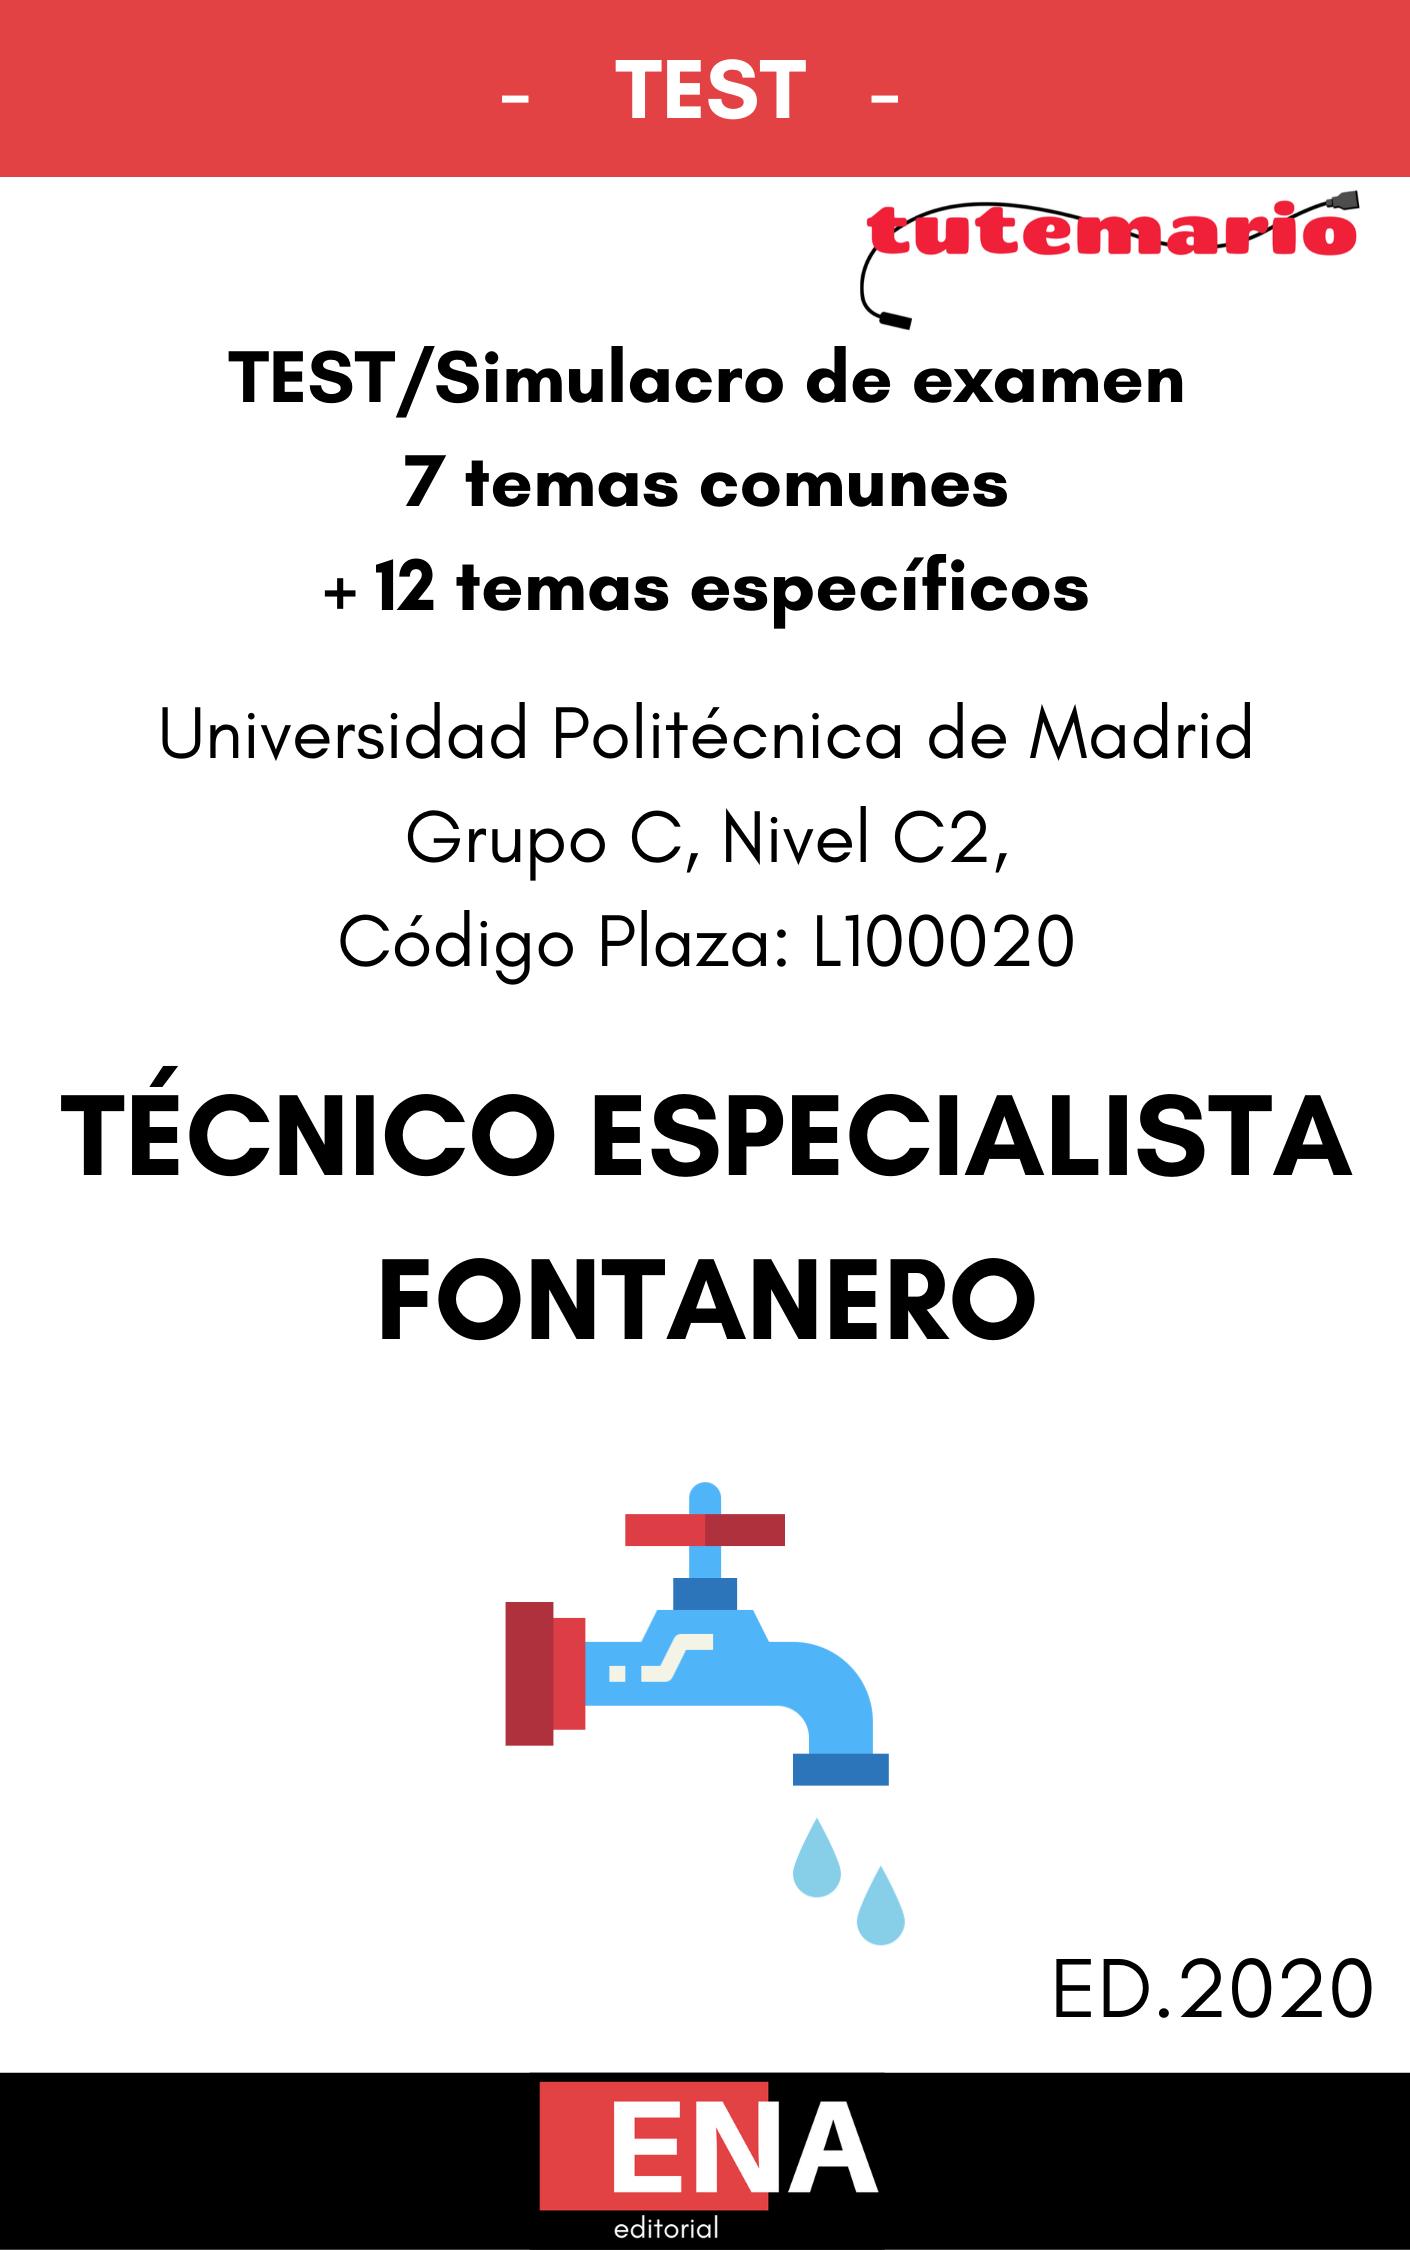 Test Oposiciones Fontanería Universidad Politécnica De Madrid 796 Preguntas Formato Encuadernado Tutemario